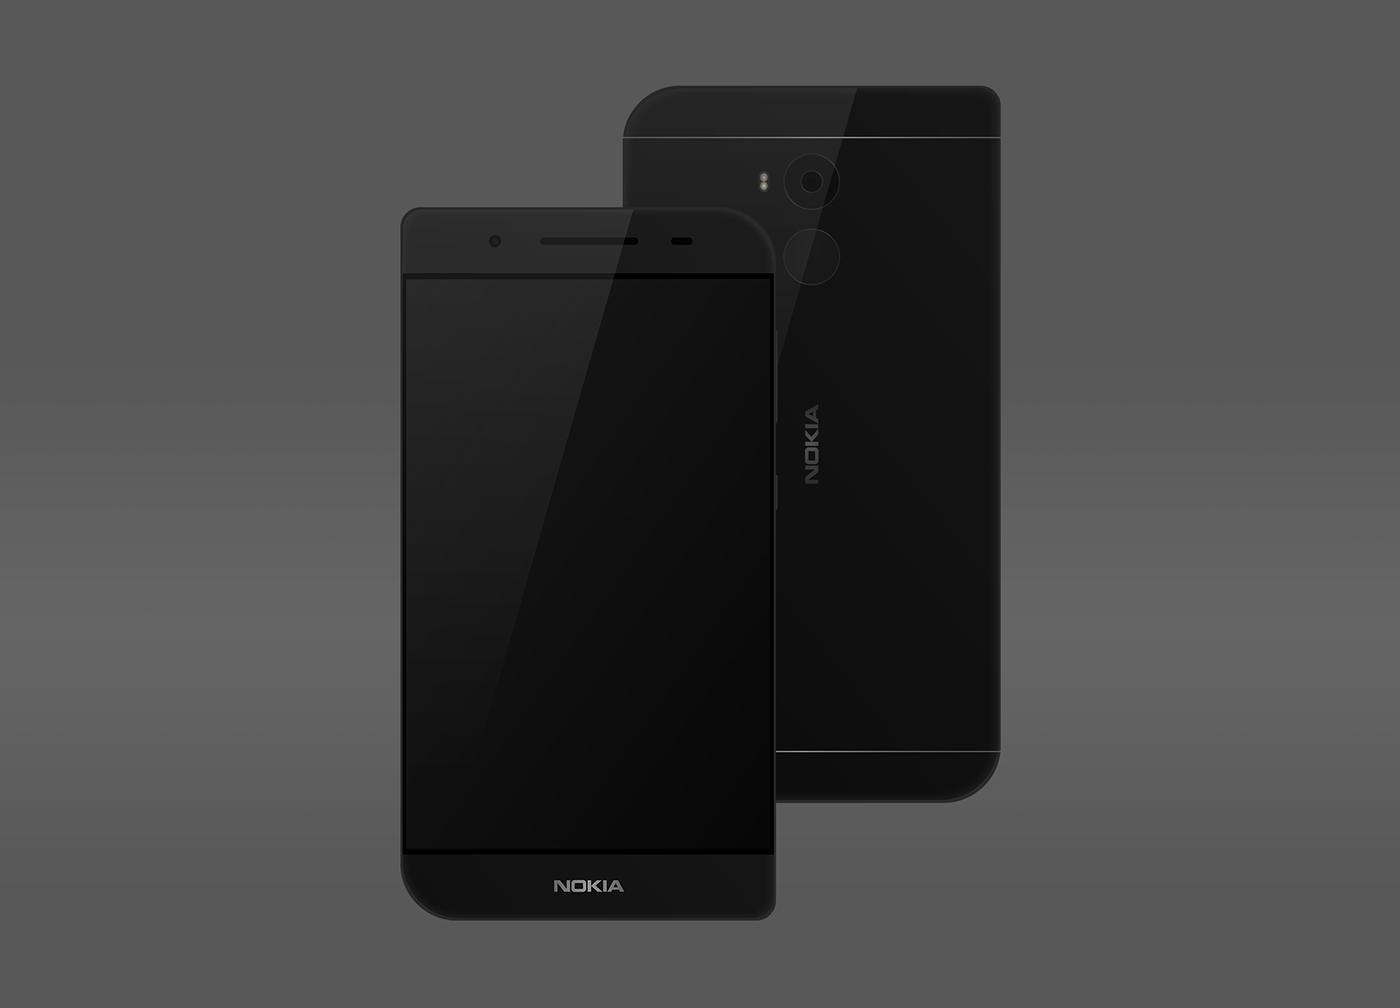 Bạn sẽ ngạc nhiên khi thấy mẫu thiết kế Nokia chiếc lá 2017 này - Ảnh 2.